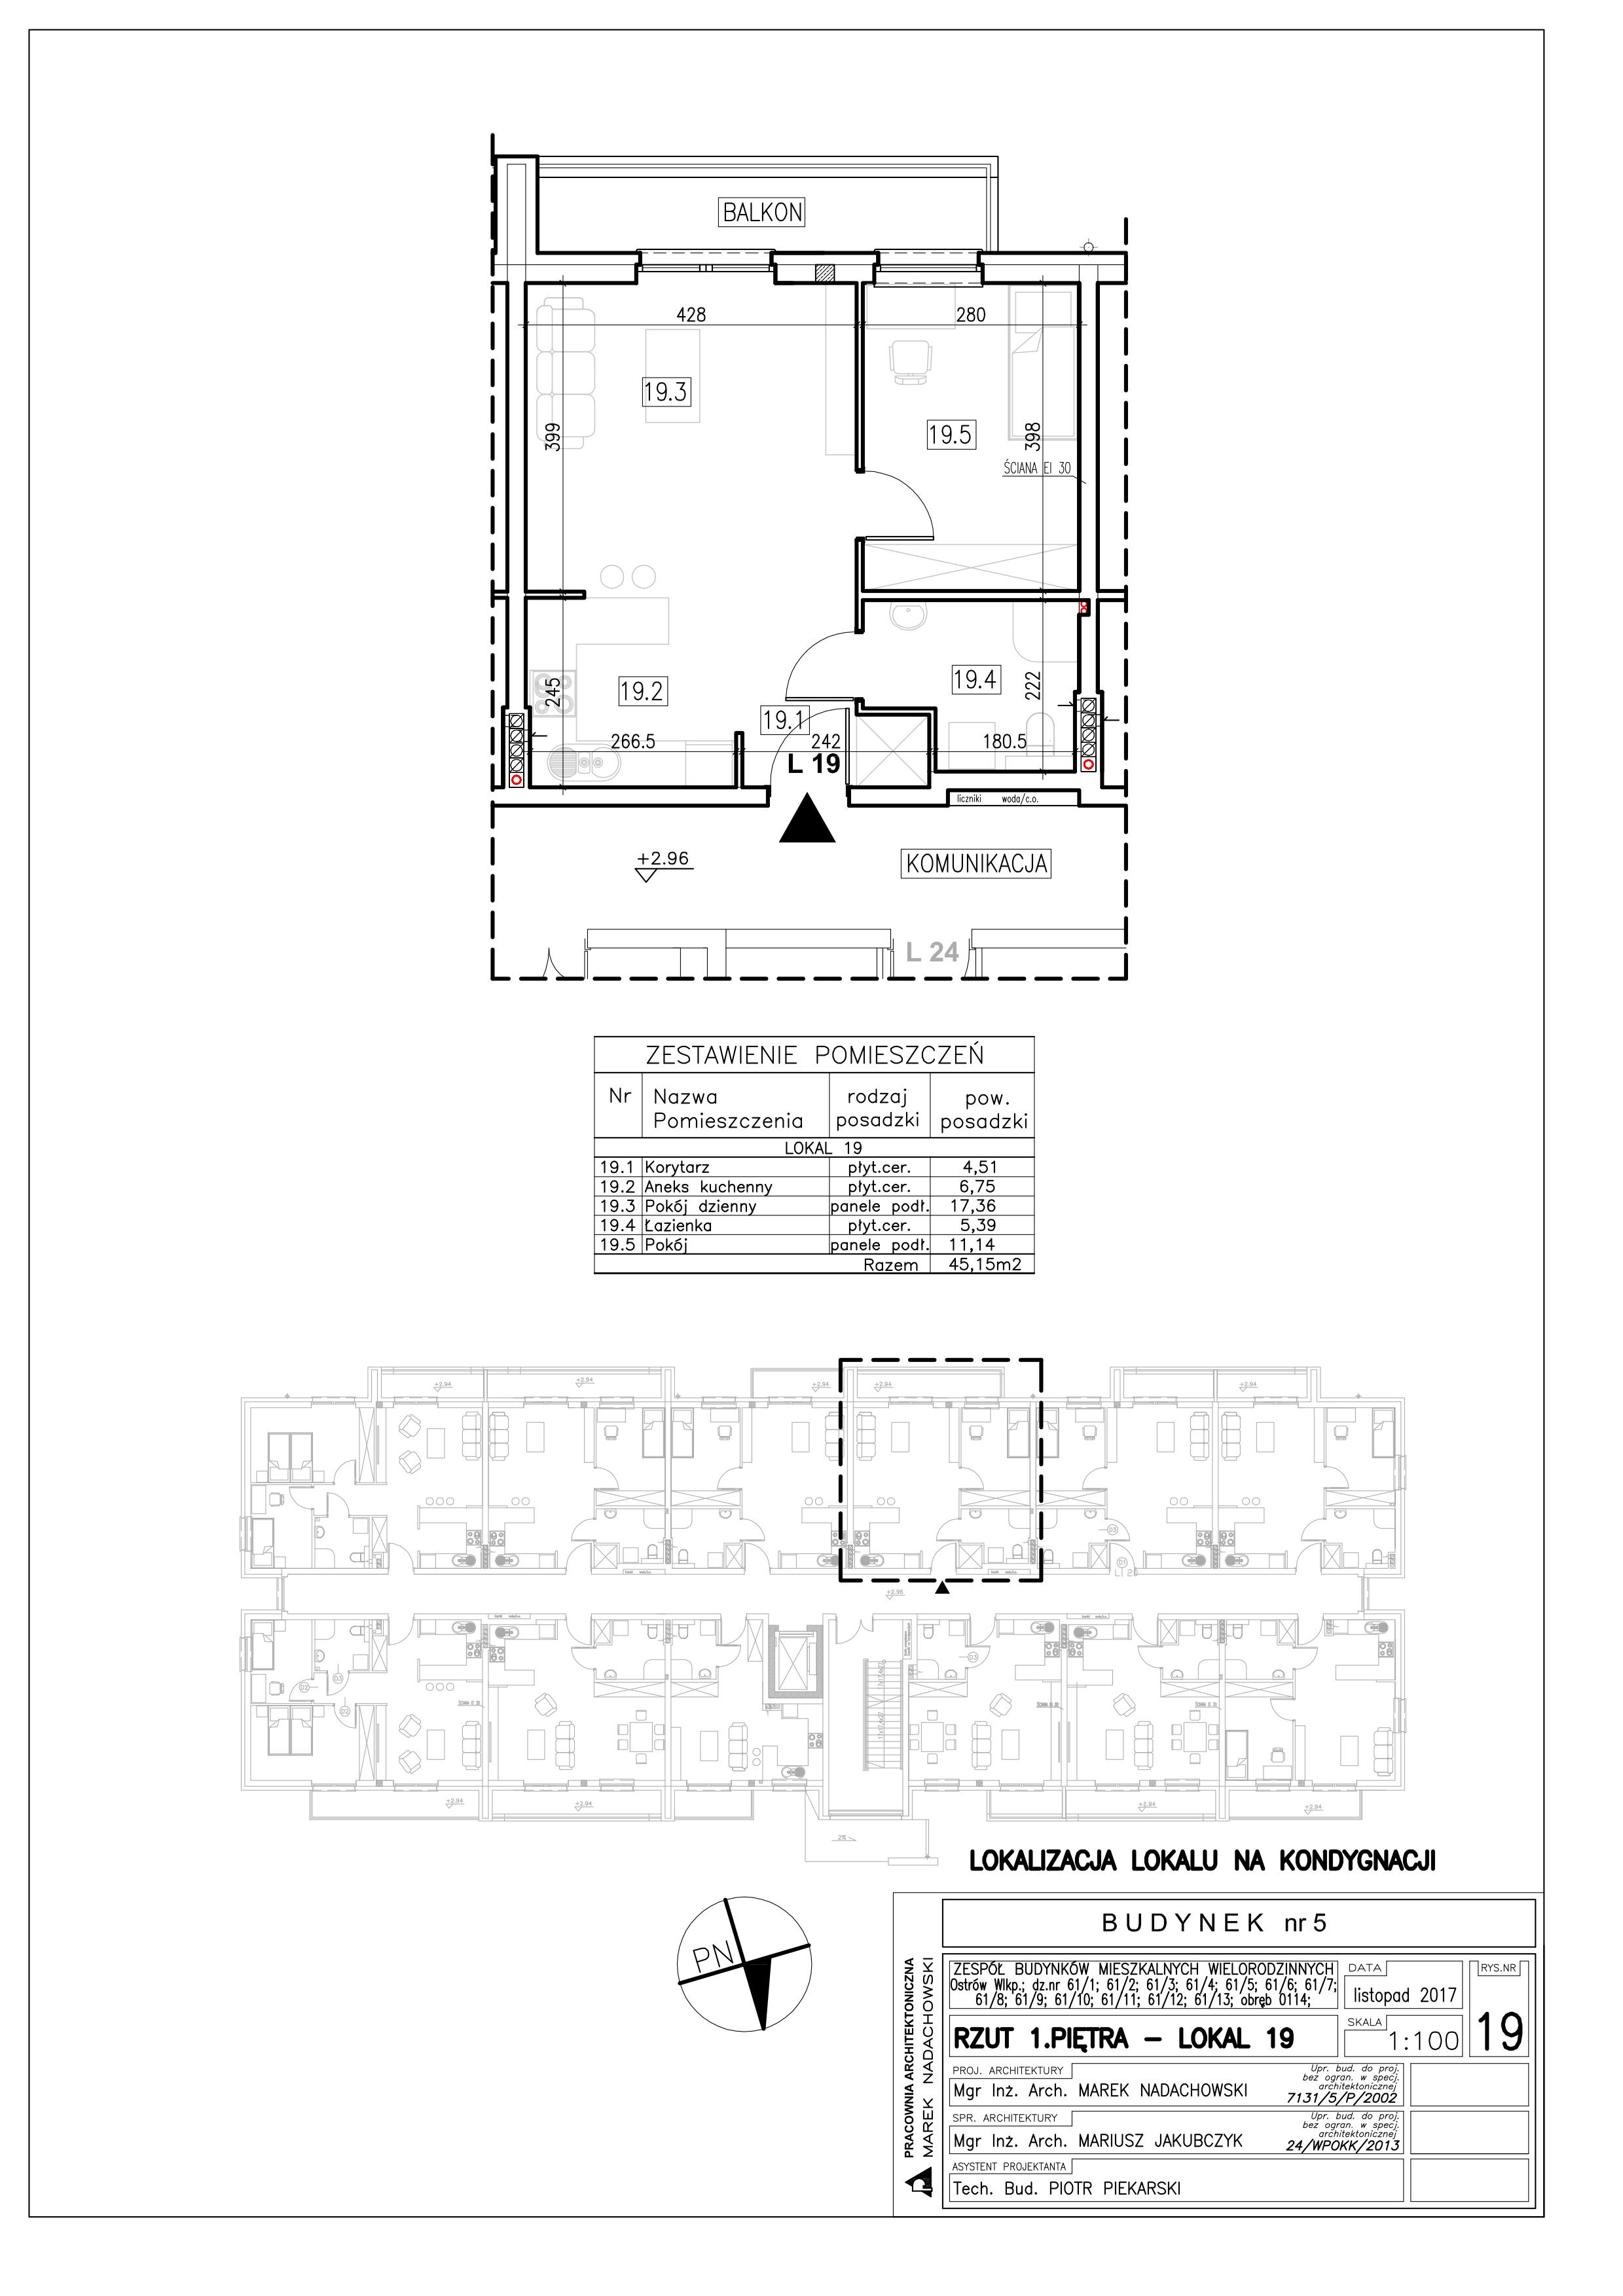 Lokal nr 19 Powierzchnia: 45,15 m2